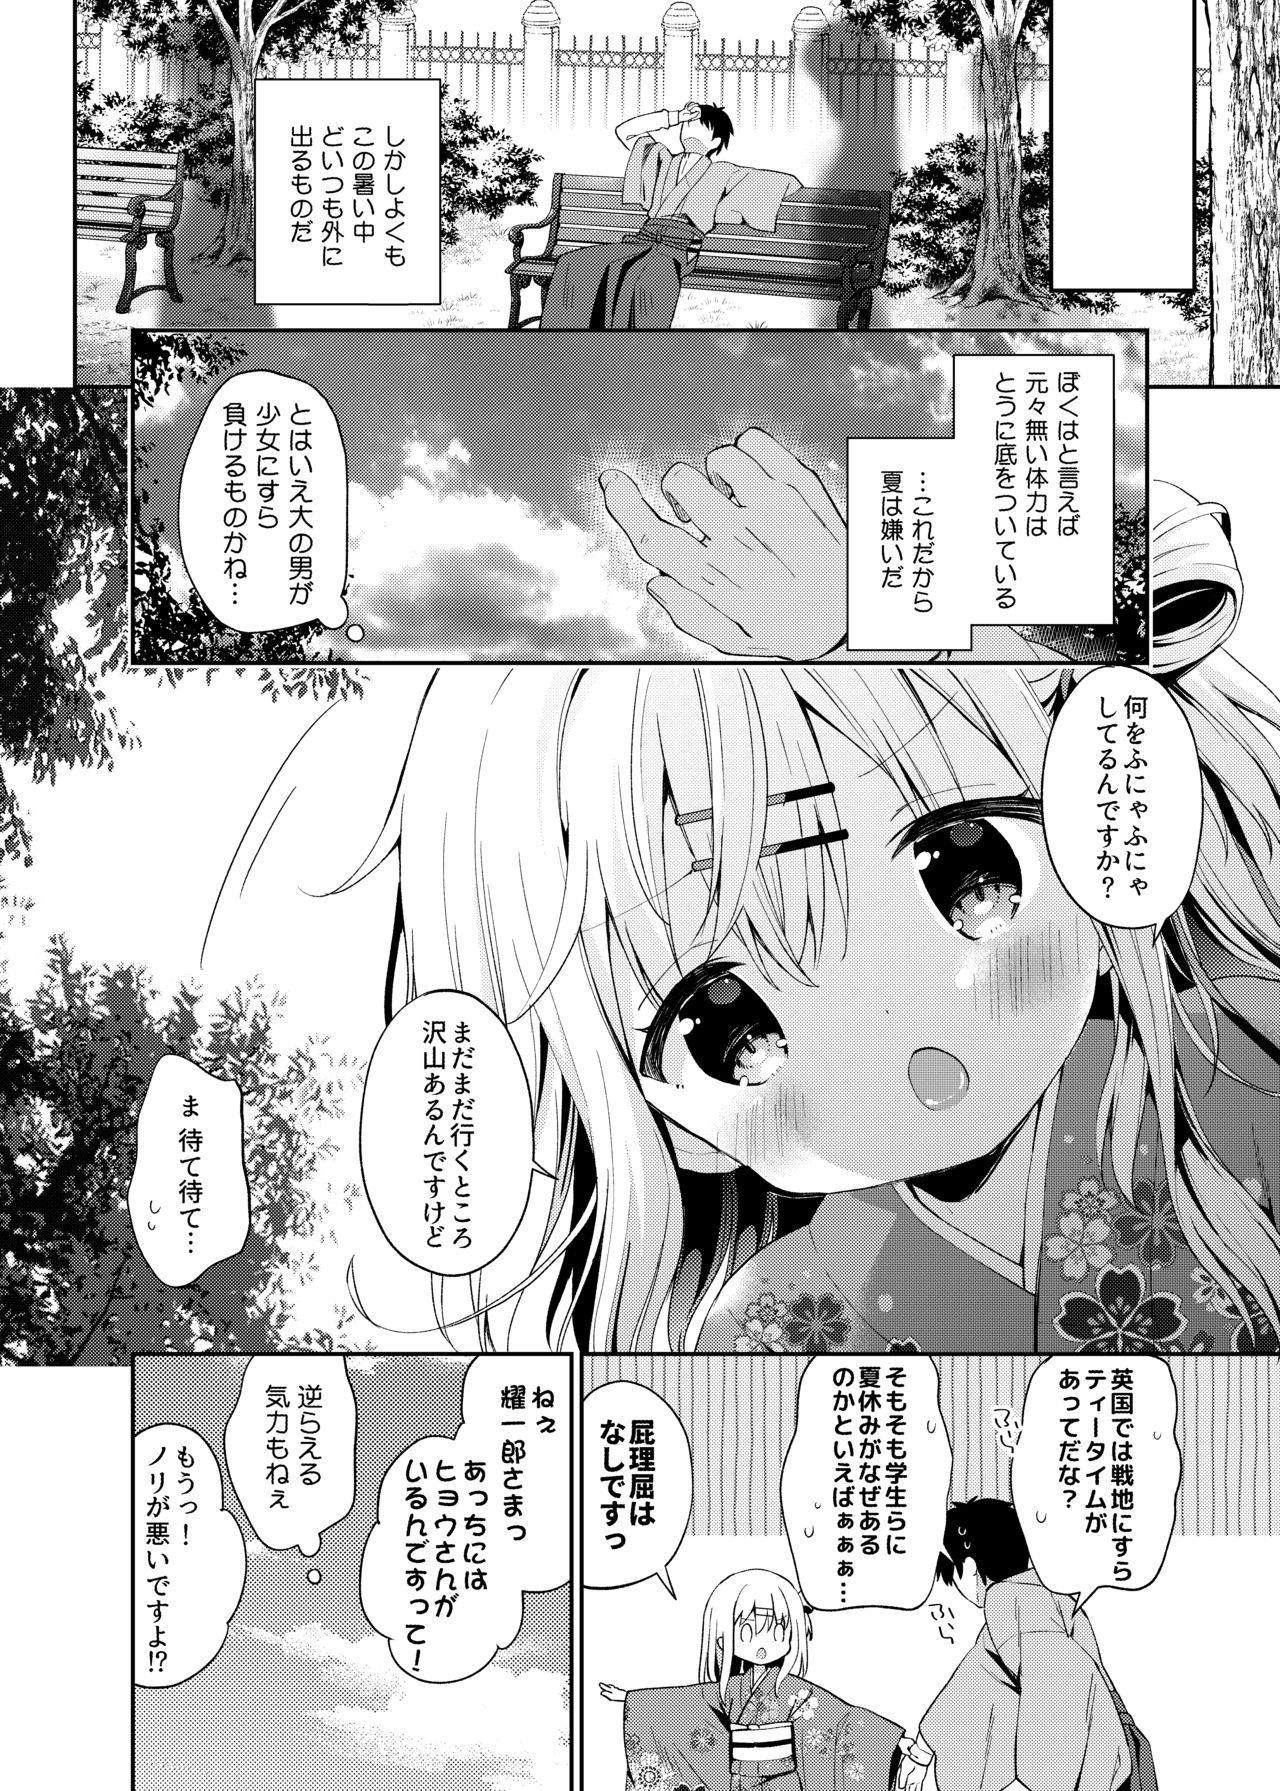 Onnanoko no Mayu Soushuuhen 01 131